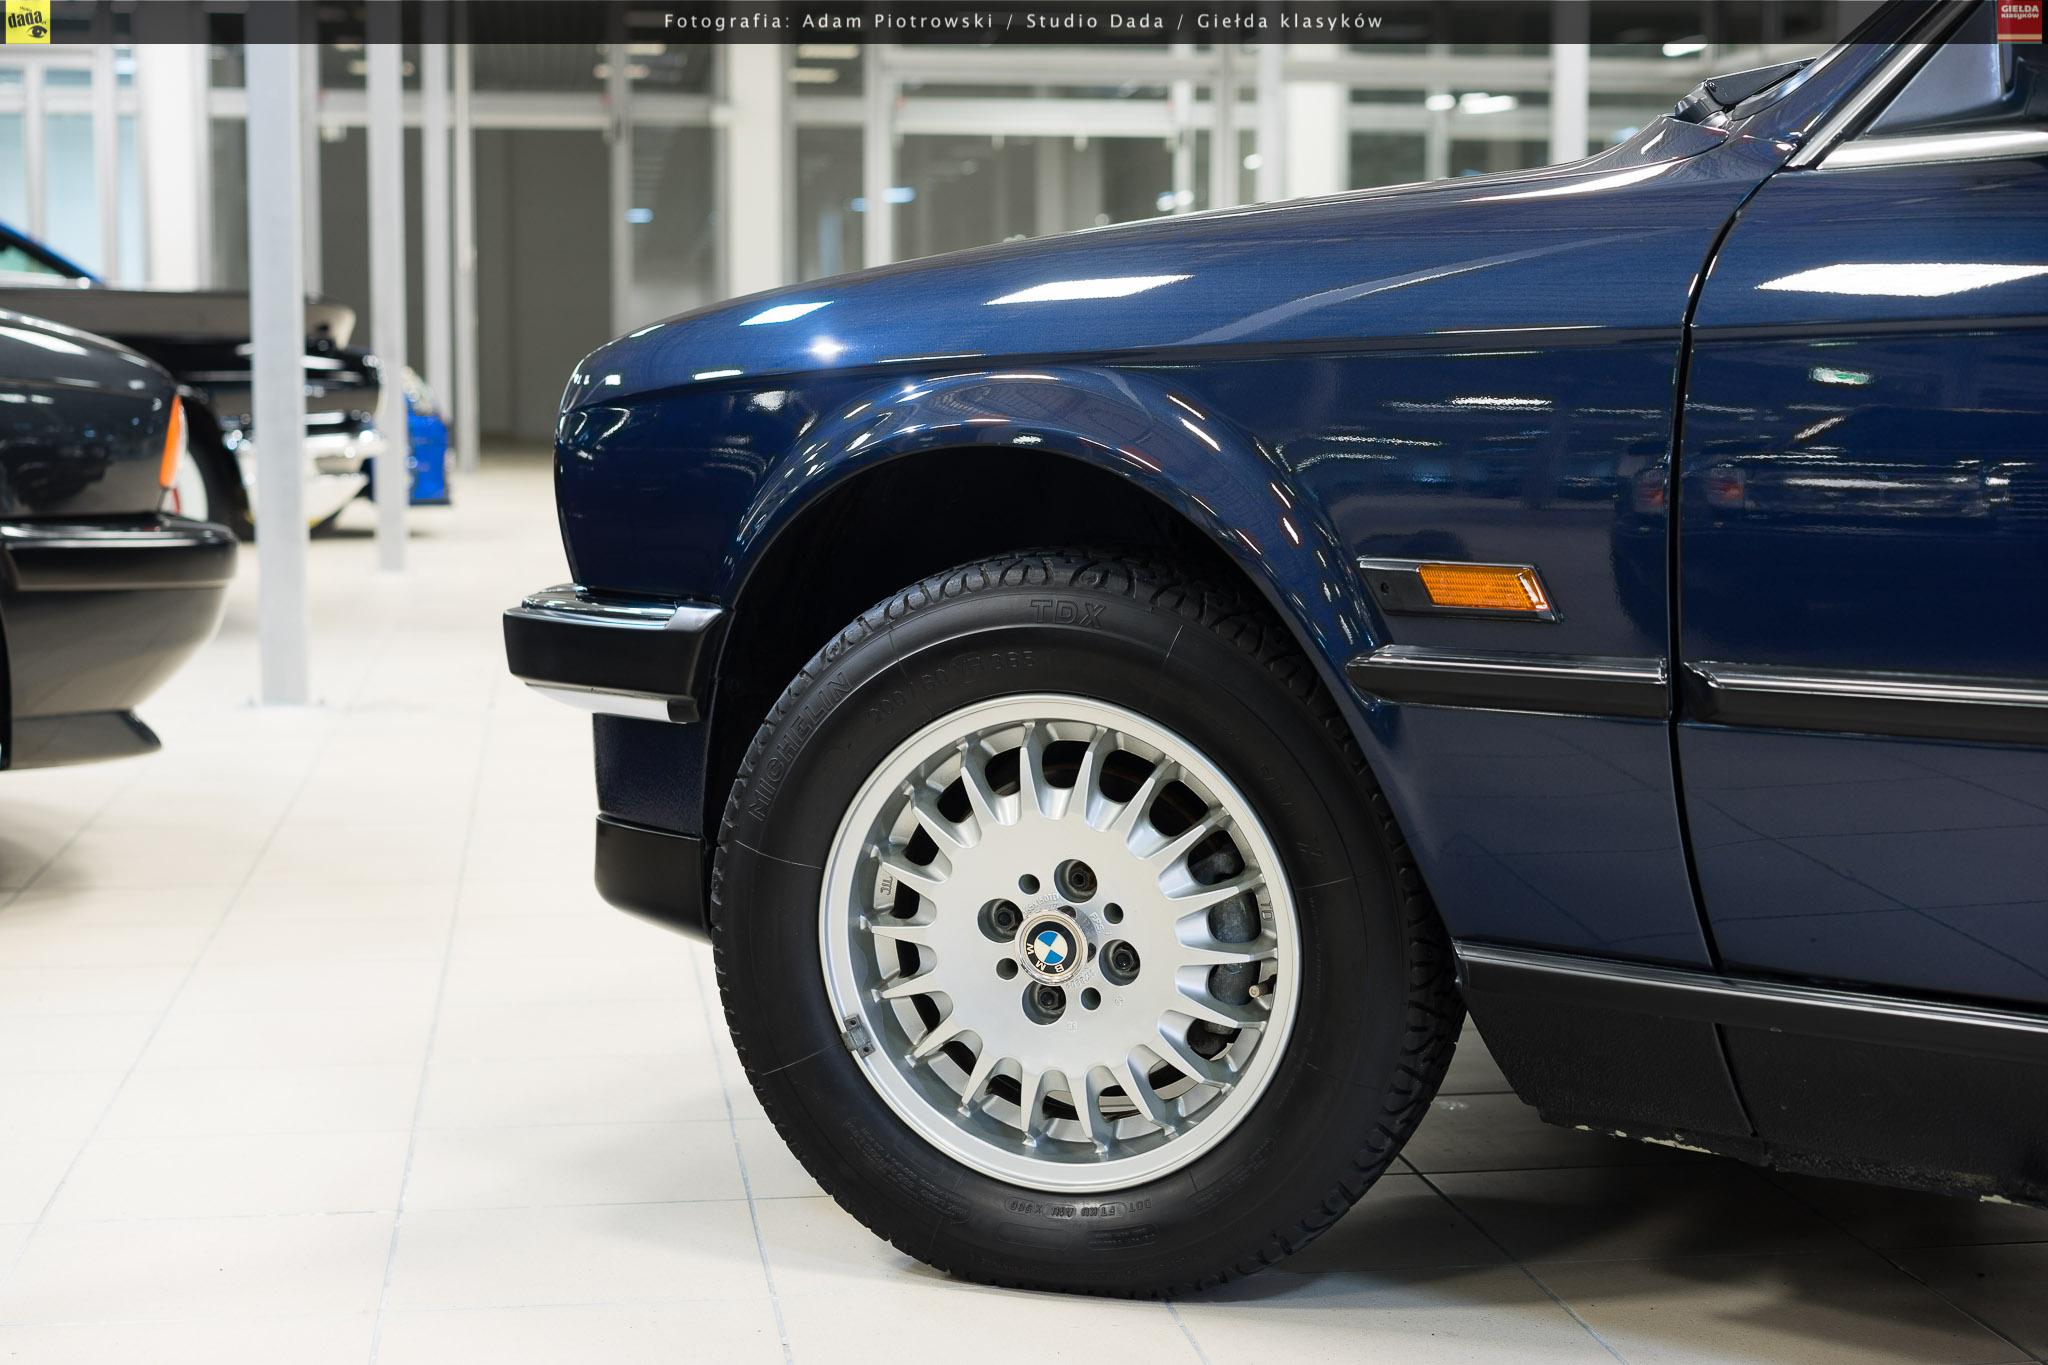 02-bmw-325i-cabrio-28.jpg